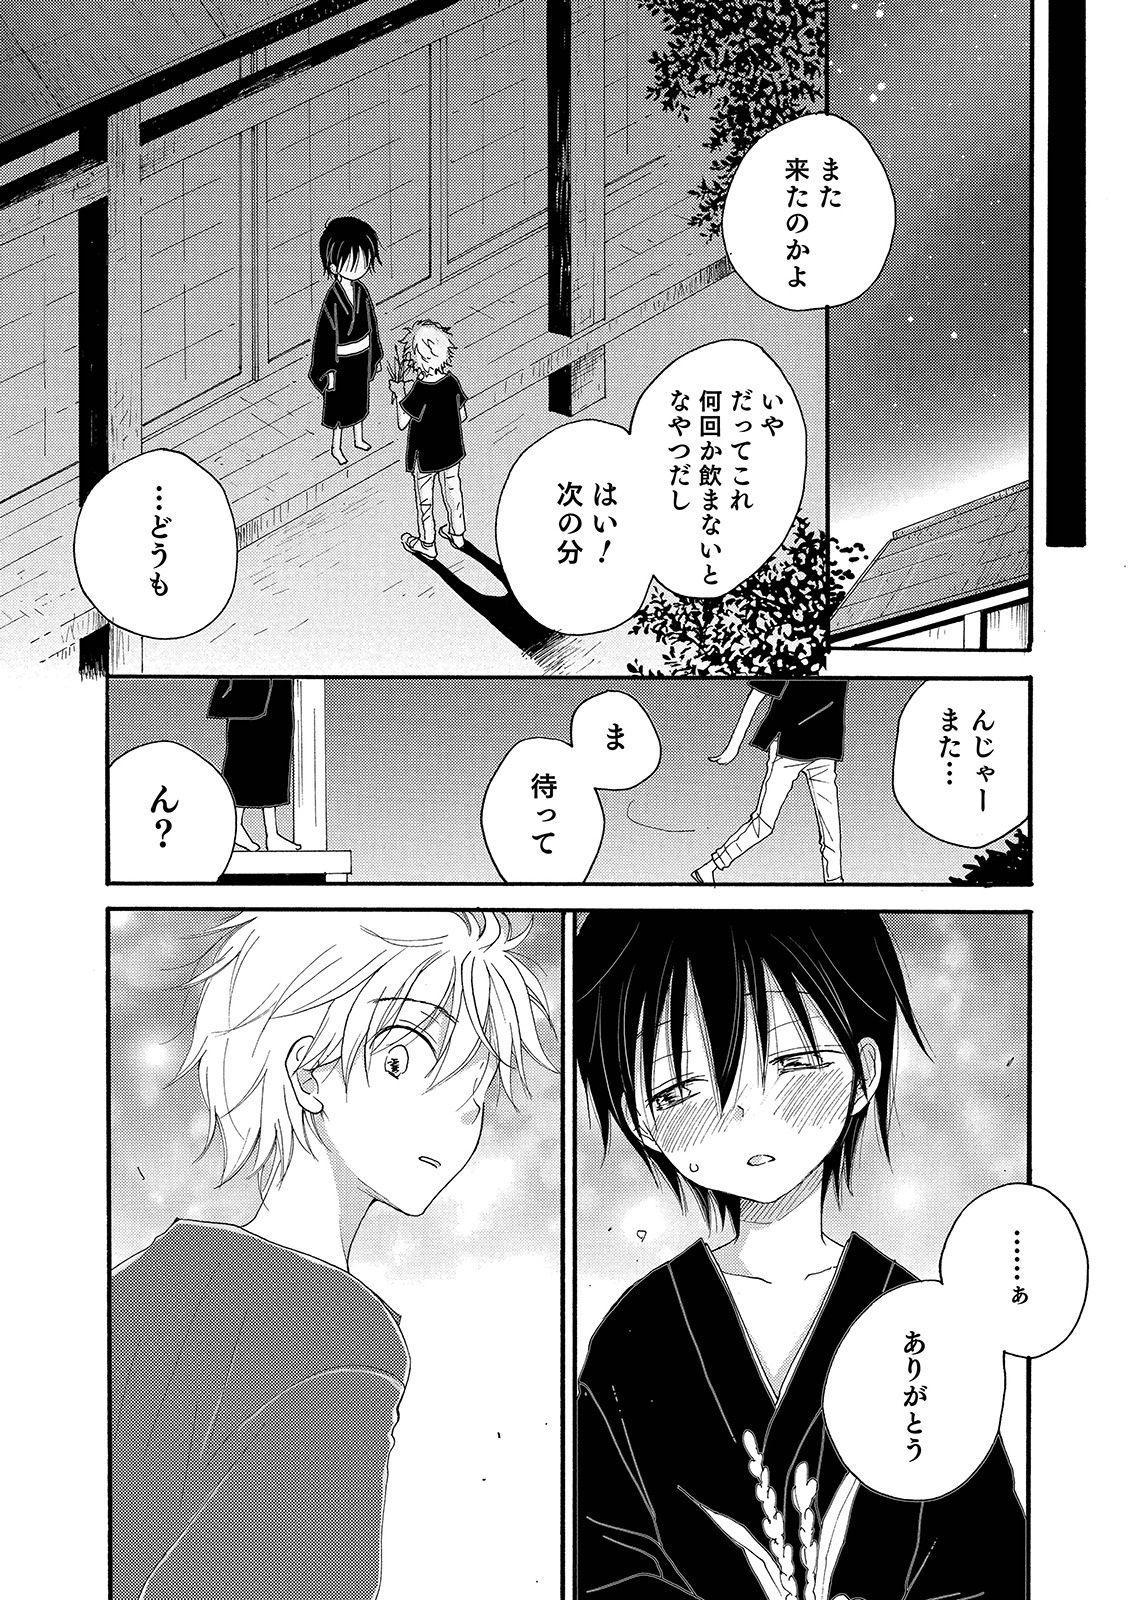 Otokonoko Heaven's Door 9 77